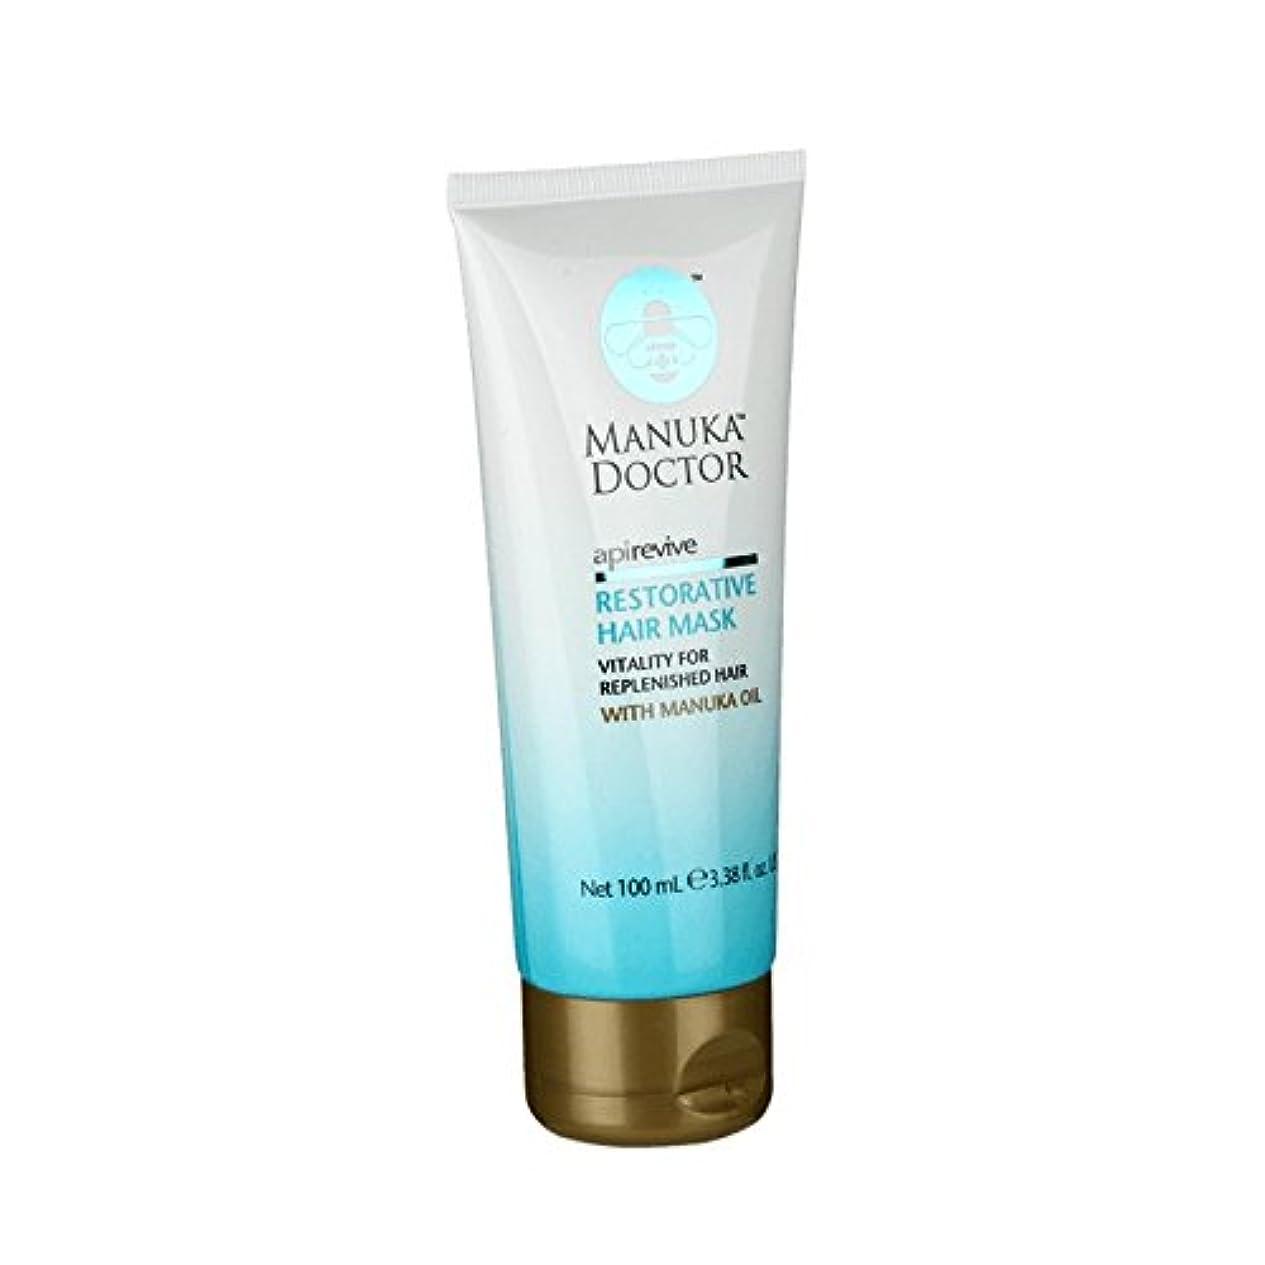 予知散るコンチネンタルManuka Doctor Restorative Hair Mask 100ml (Pack of 6) - マヌカドクター修復ヘアマスク100ミリリットル (x6) [並行輸入品]